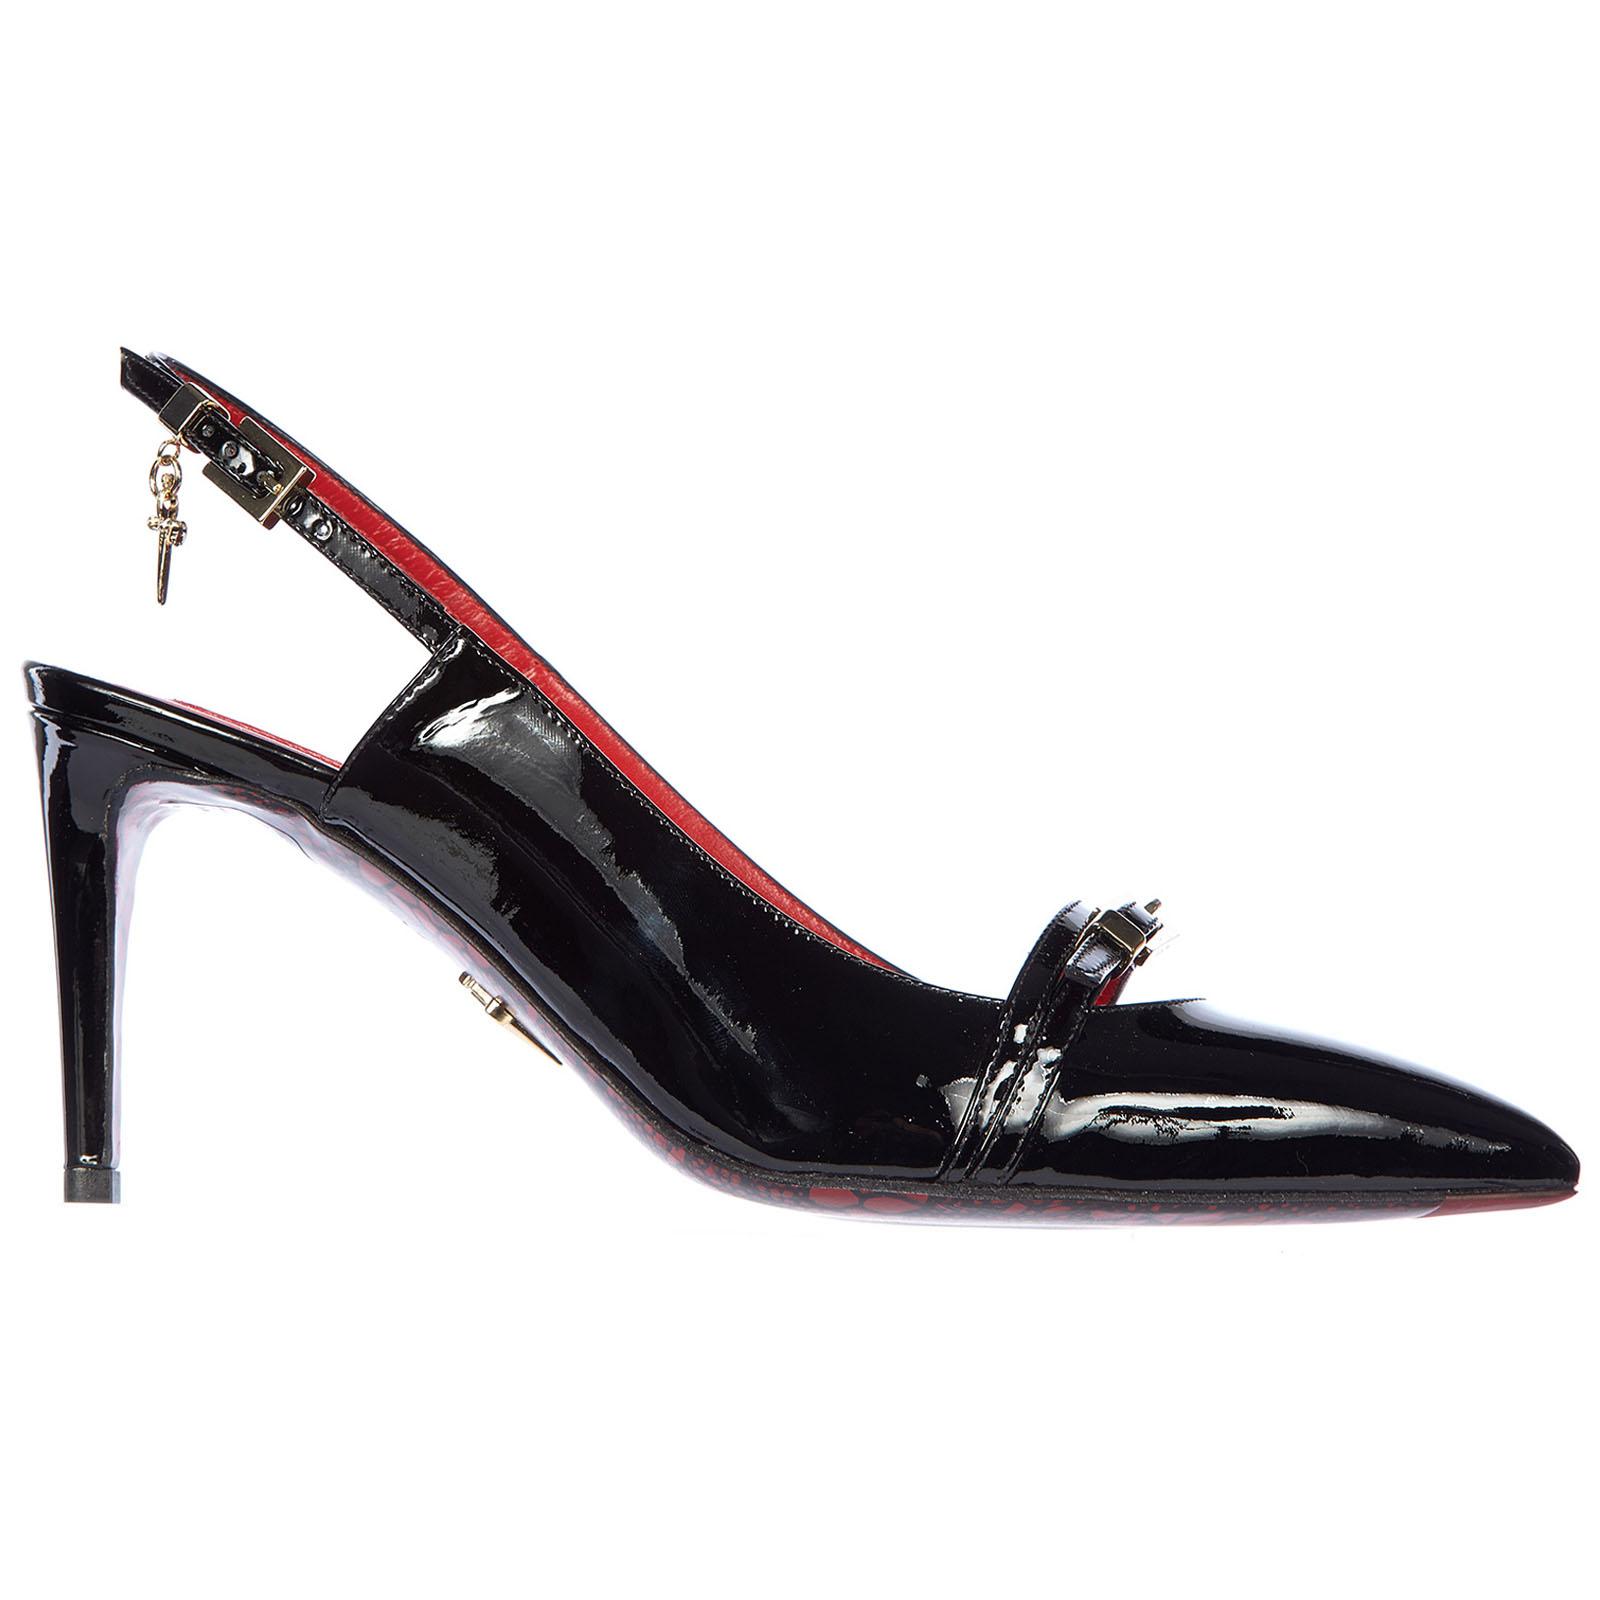 Decolletes decoltè scarpe donna con tacco pelle vernice luce